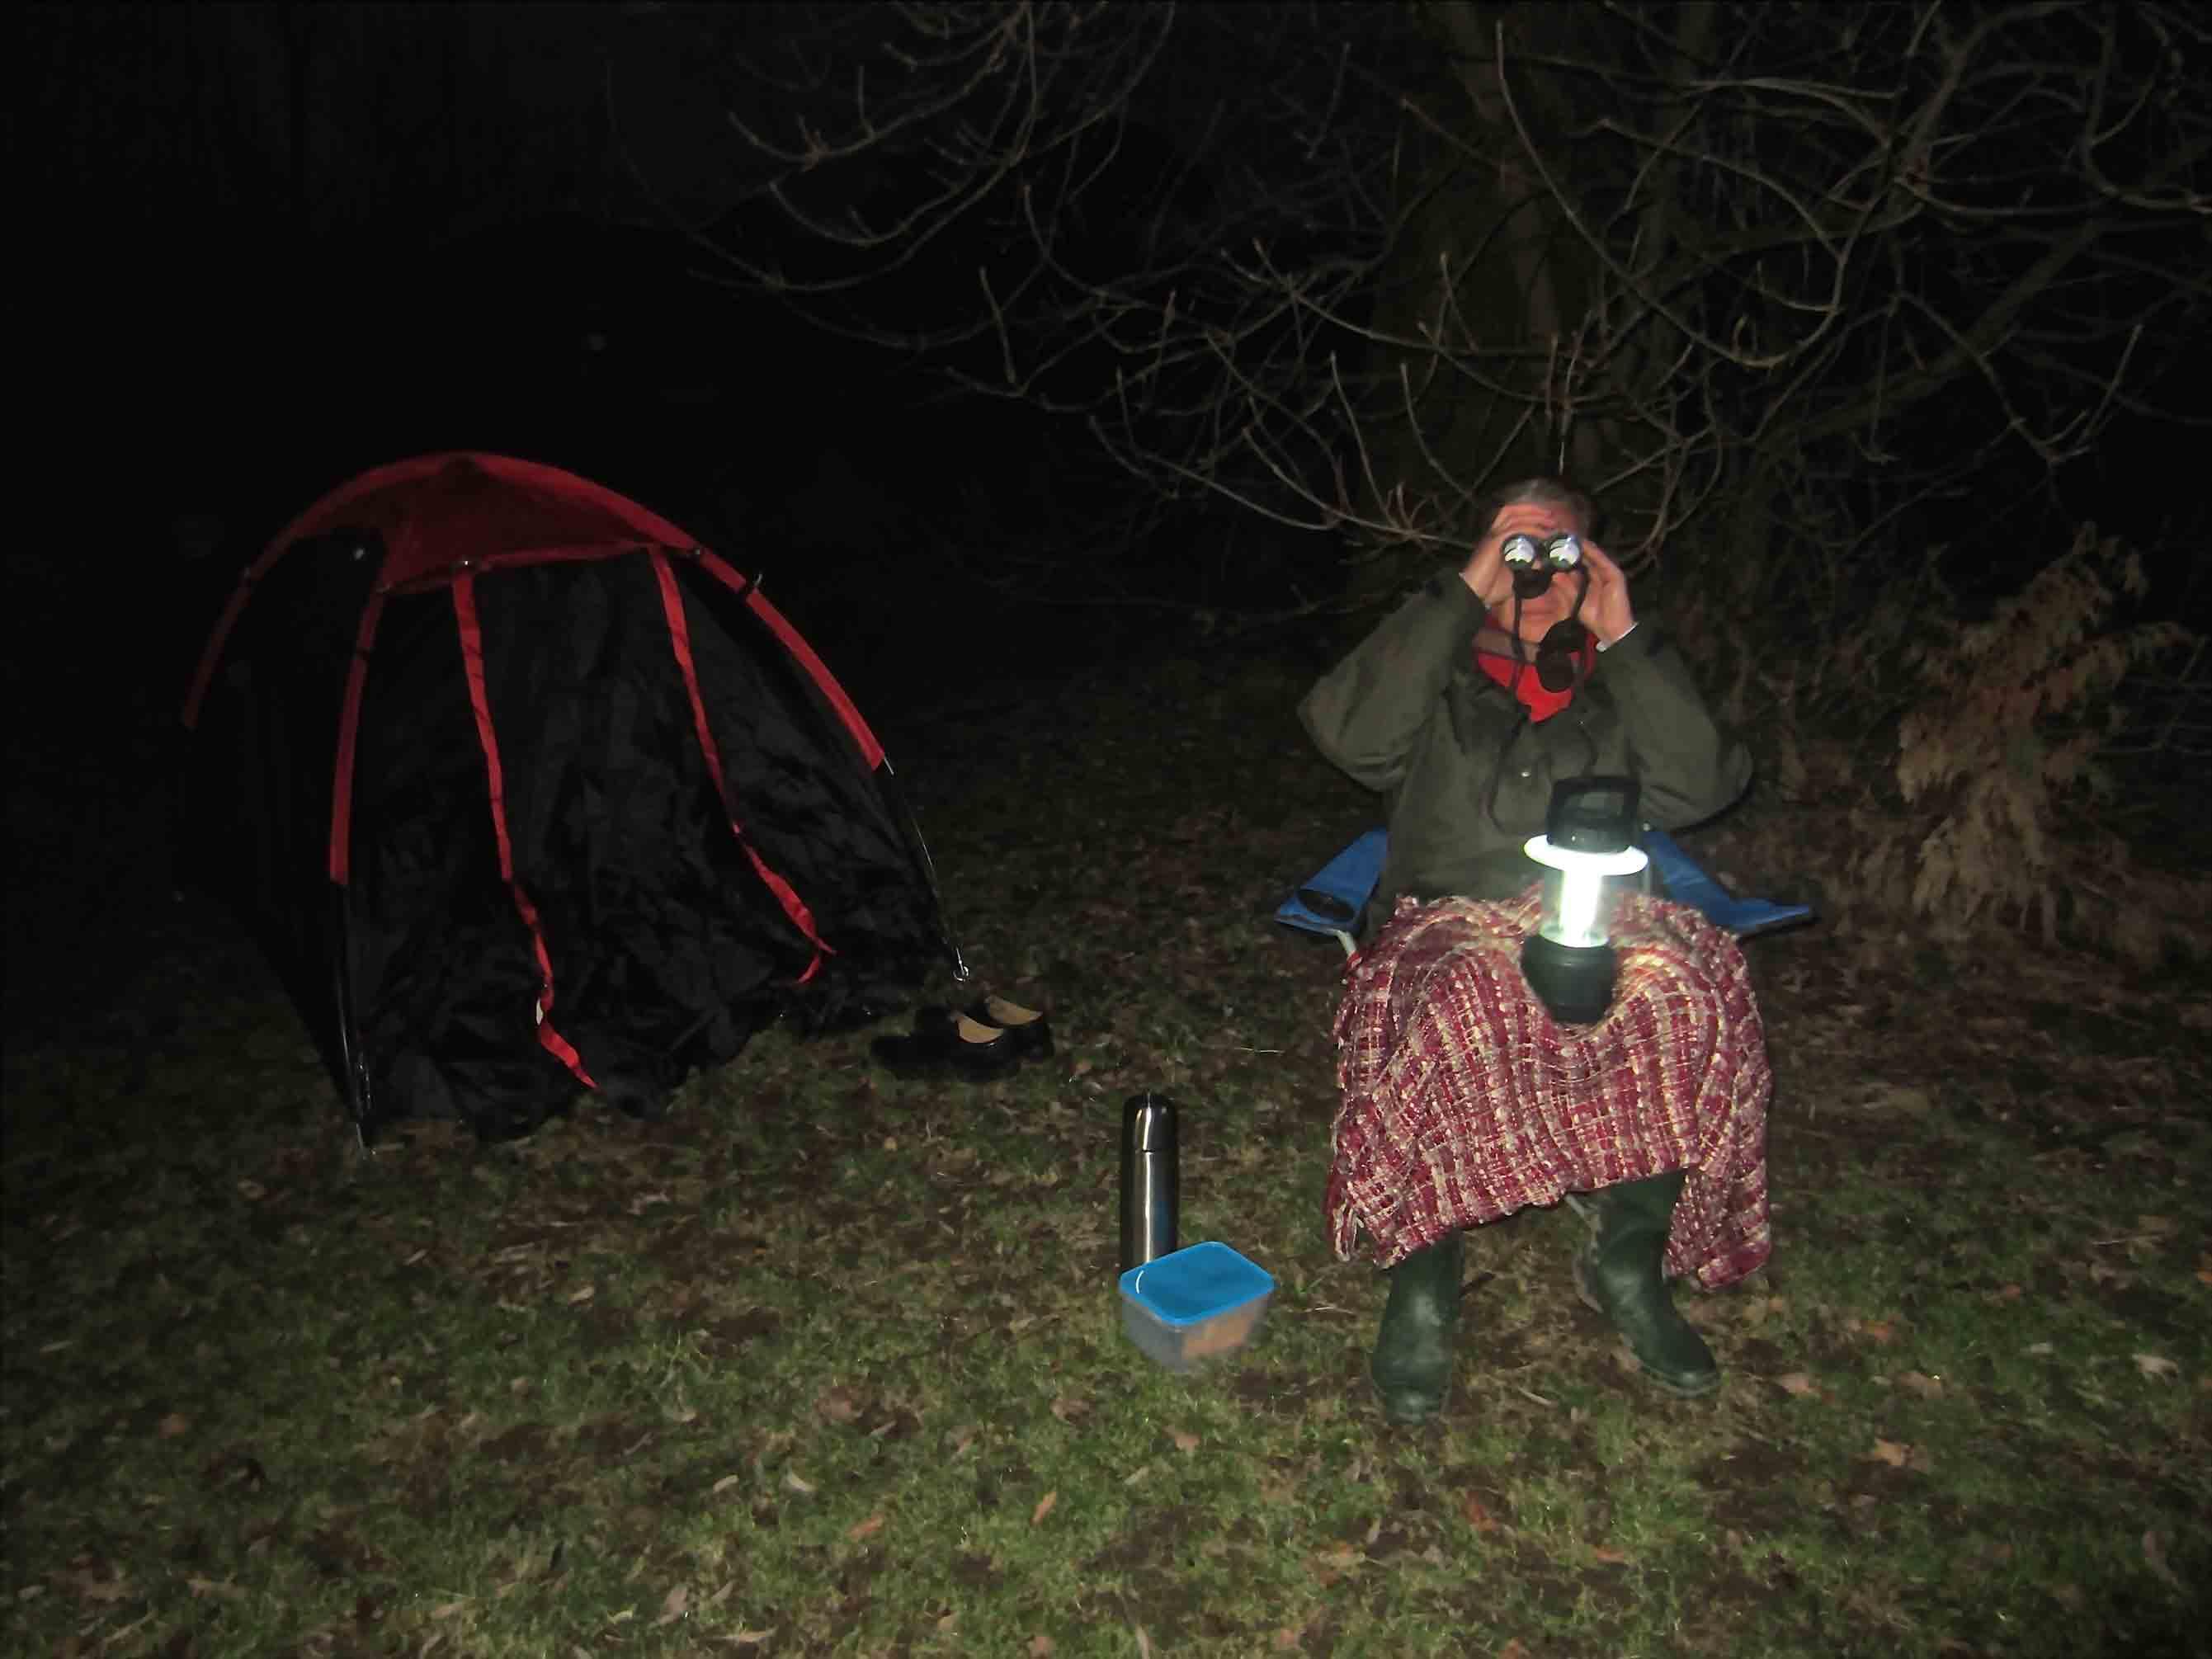 Michael Portillo searches for UFOs.